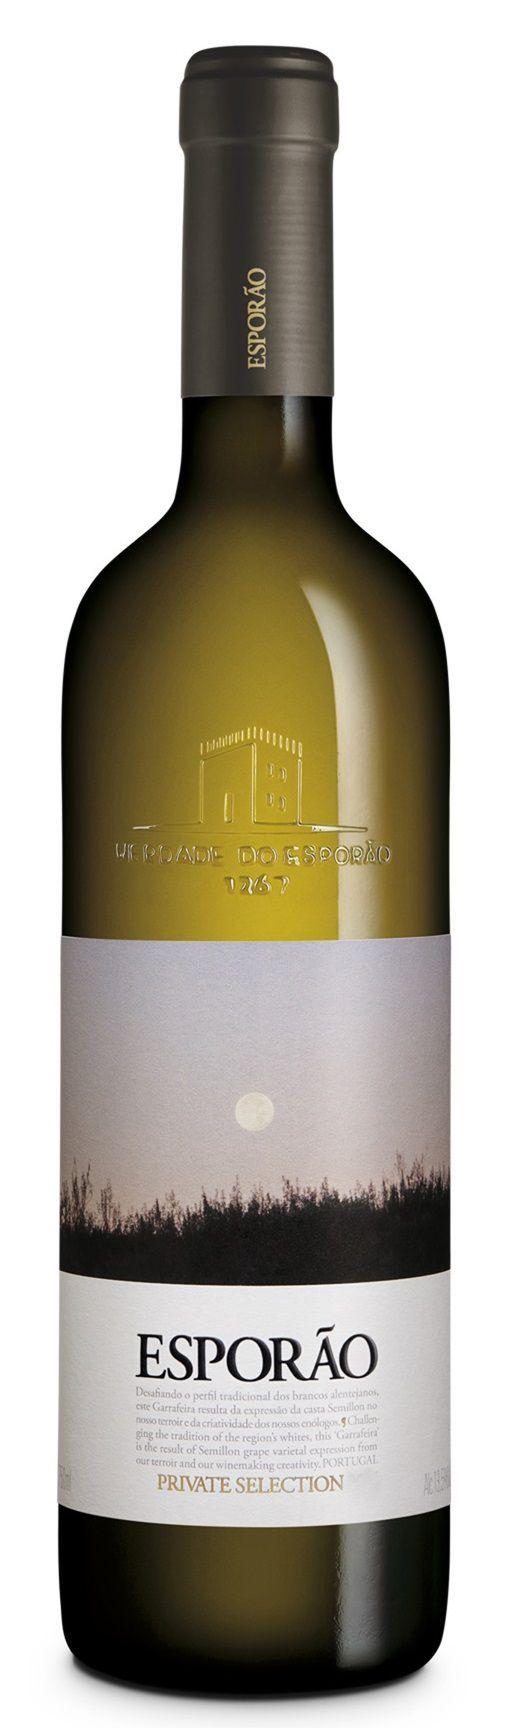 Vinho Esporão Private Selection Branco